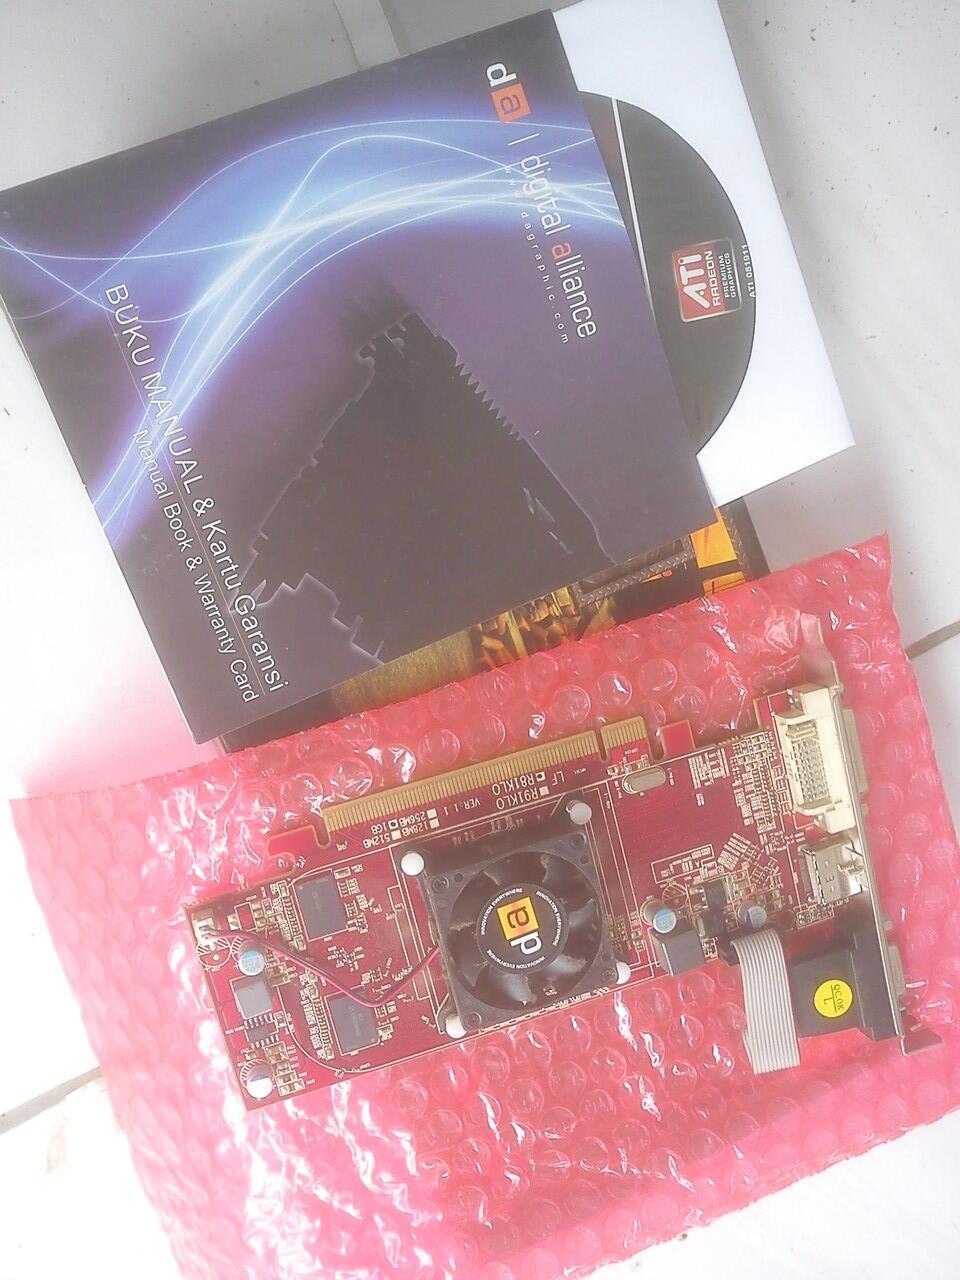 [REPOST] VGA PCi-E DA DA ATI RADEON HD 1Gb cuma Rp. 199.000 | KHUSUS HARI INI !!!